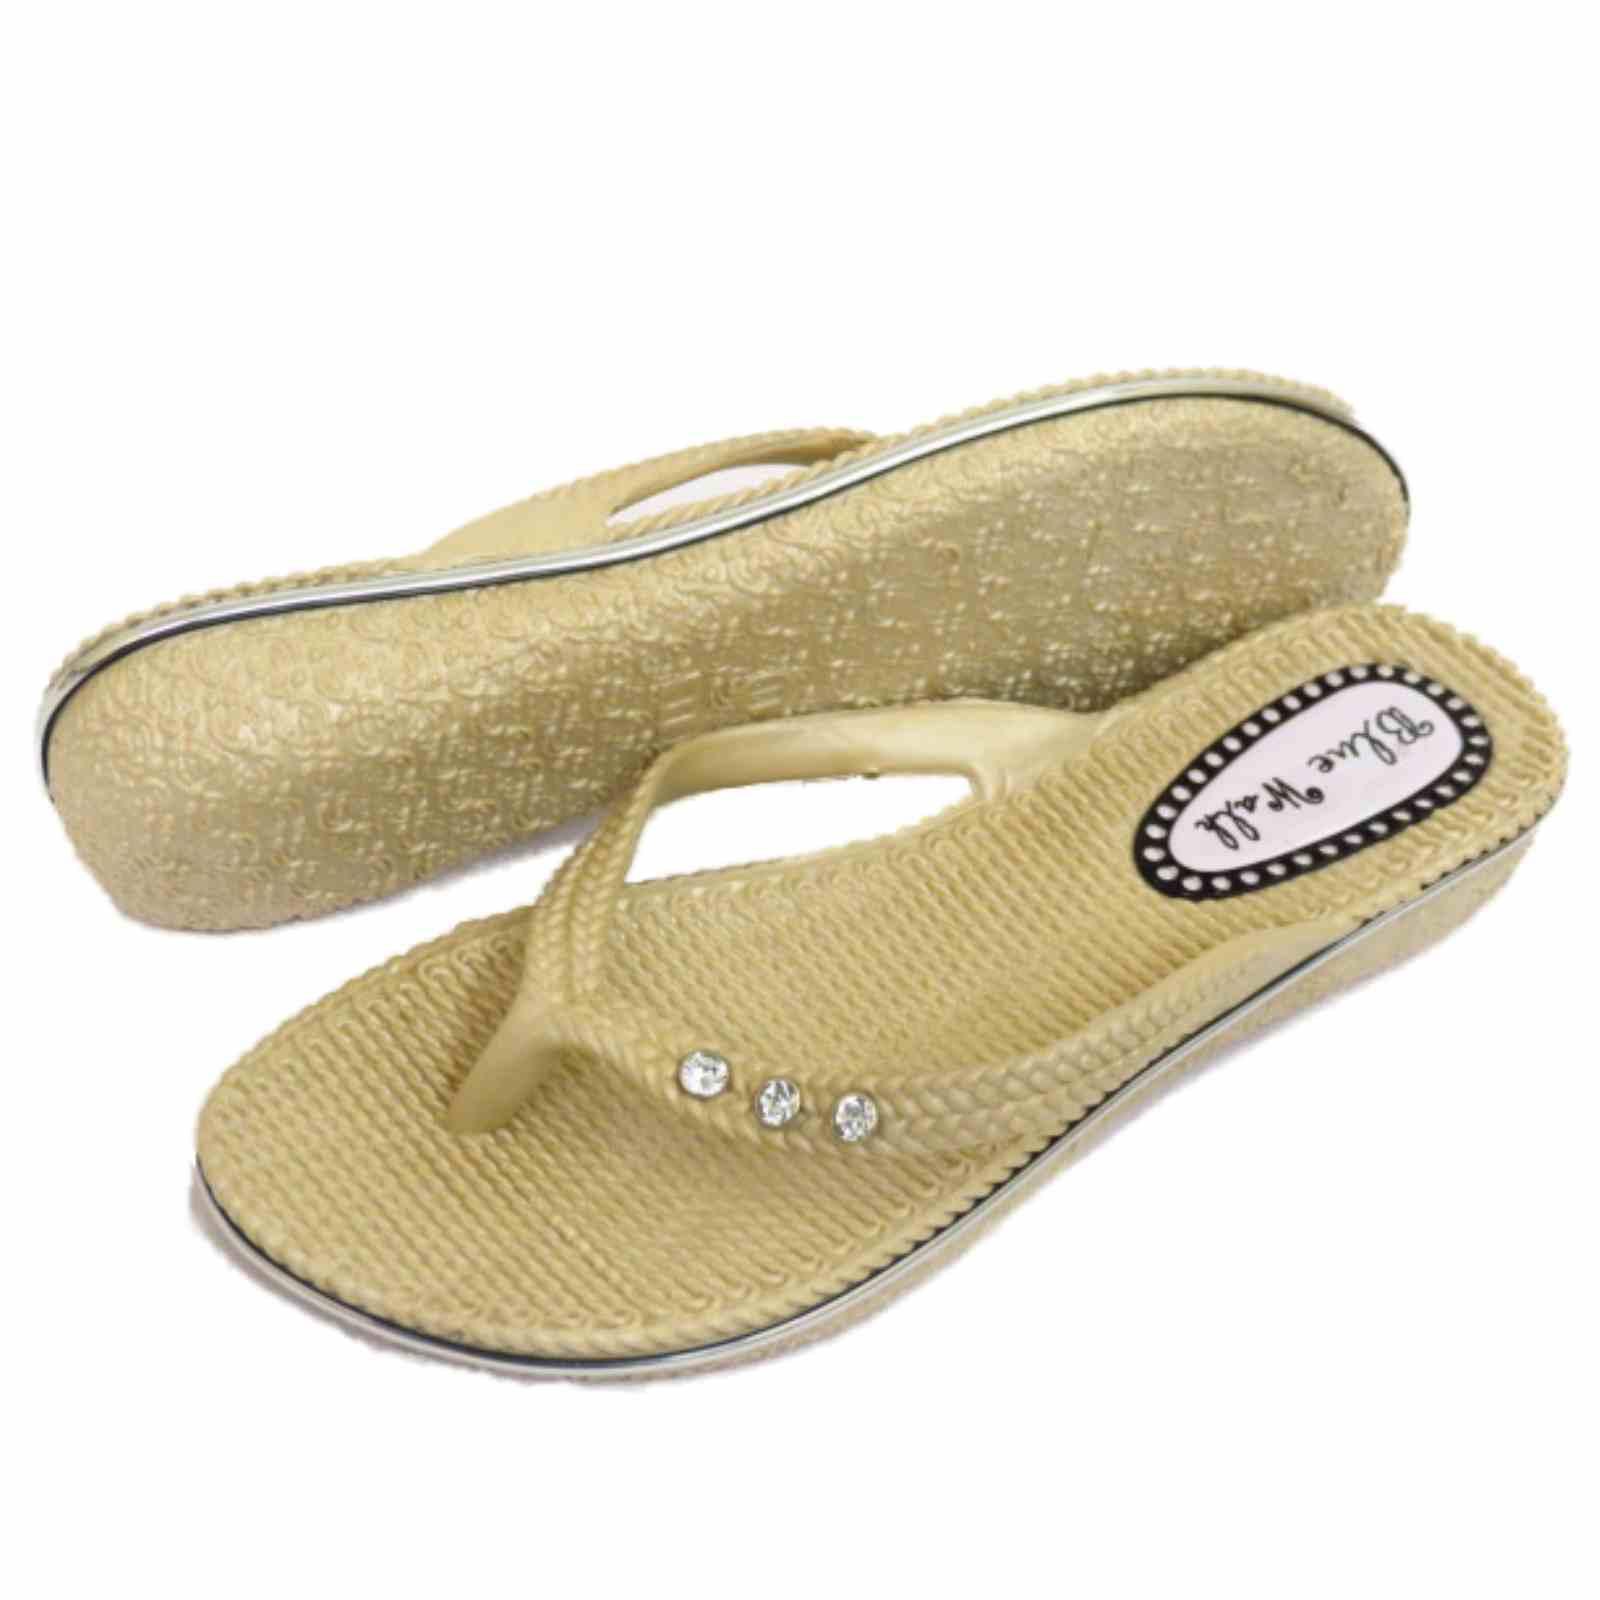 damen flach beige zehensteg sandalen flip flop strand holiday tanga sommer ebay. Black Bedroom Furniture Sets. Home Design Ideas